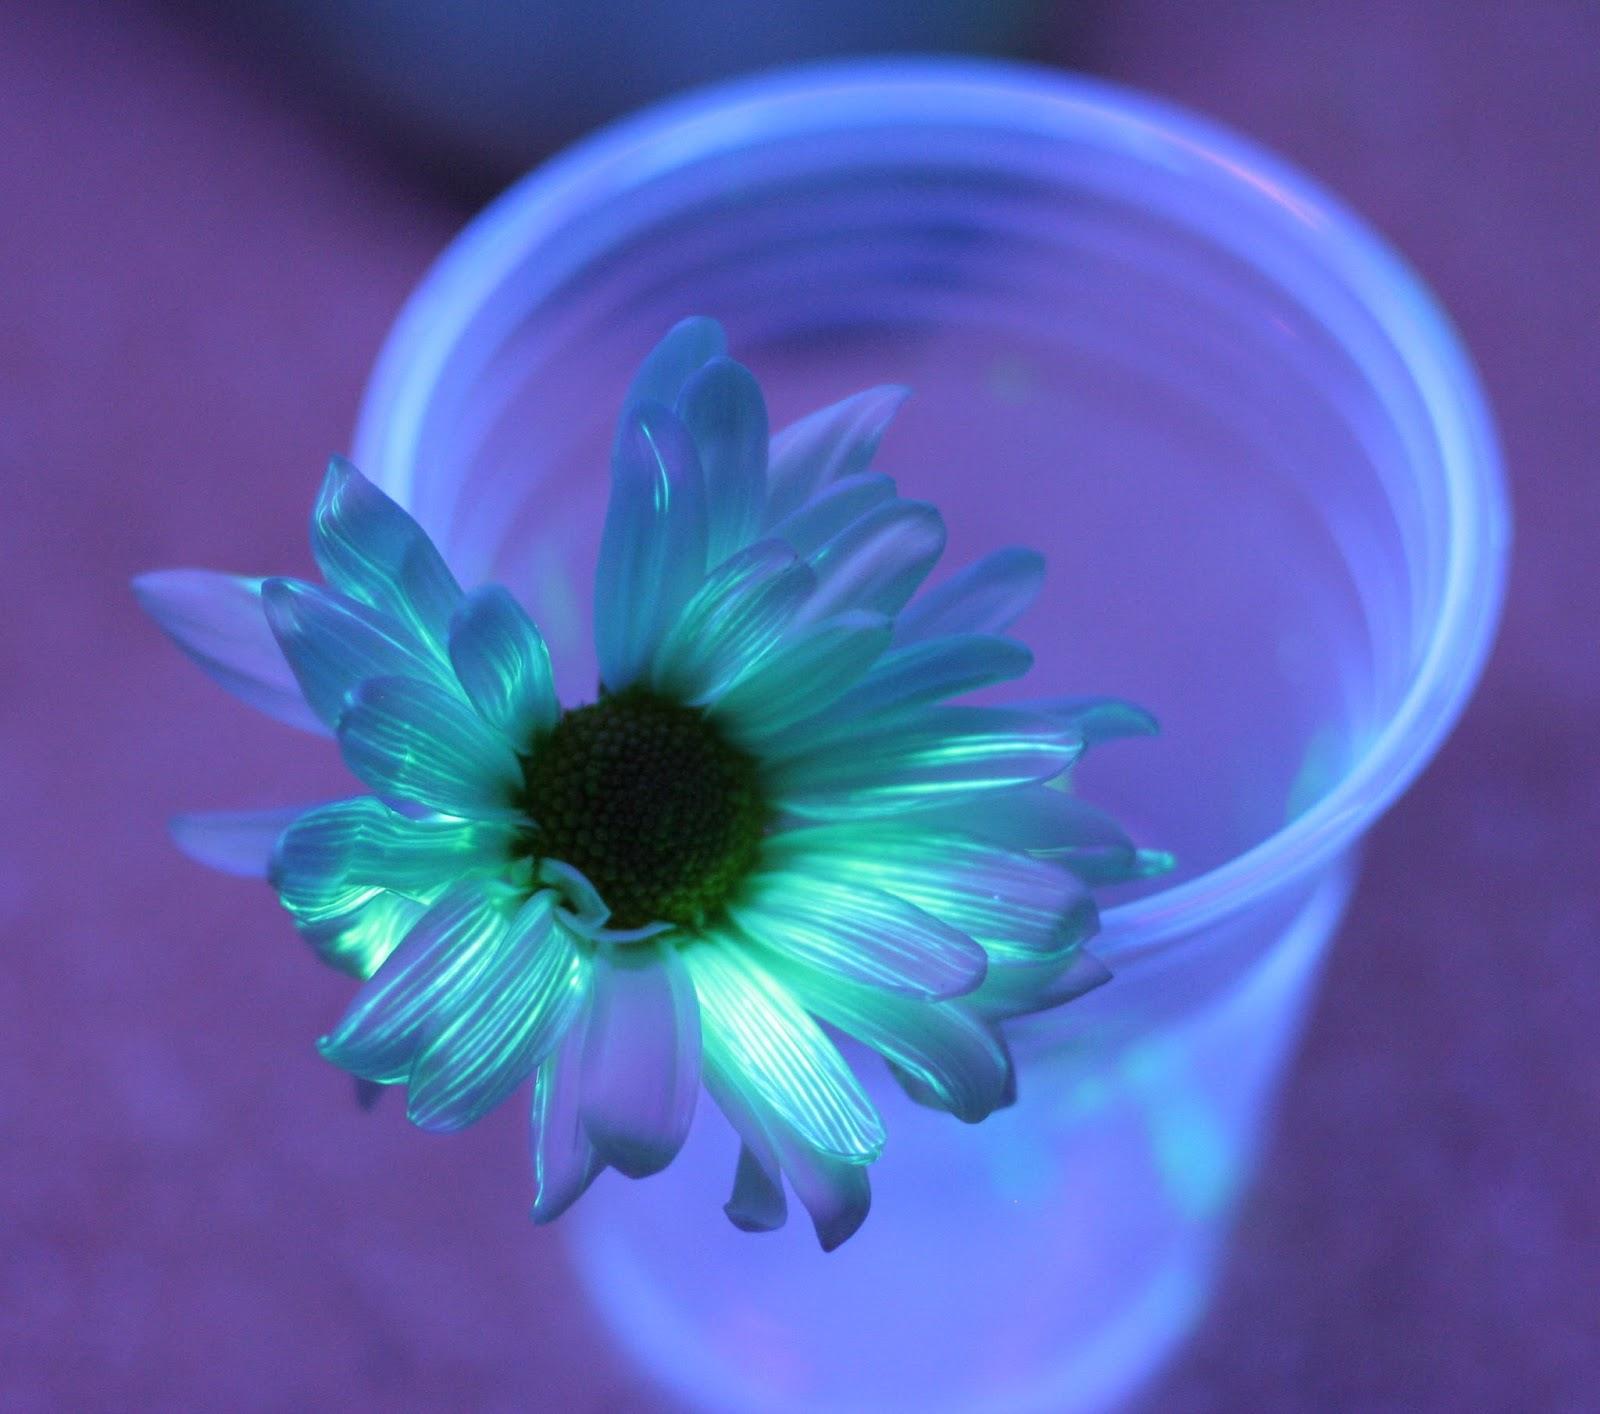 tie dye flowers photo - 1